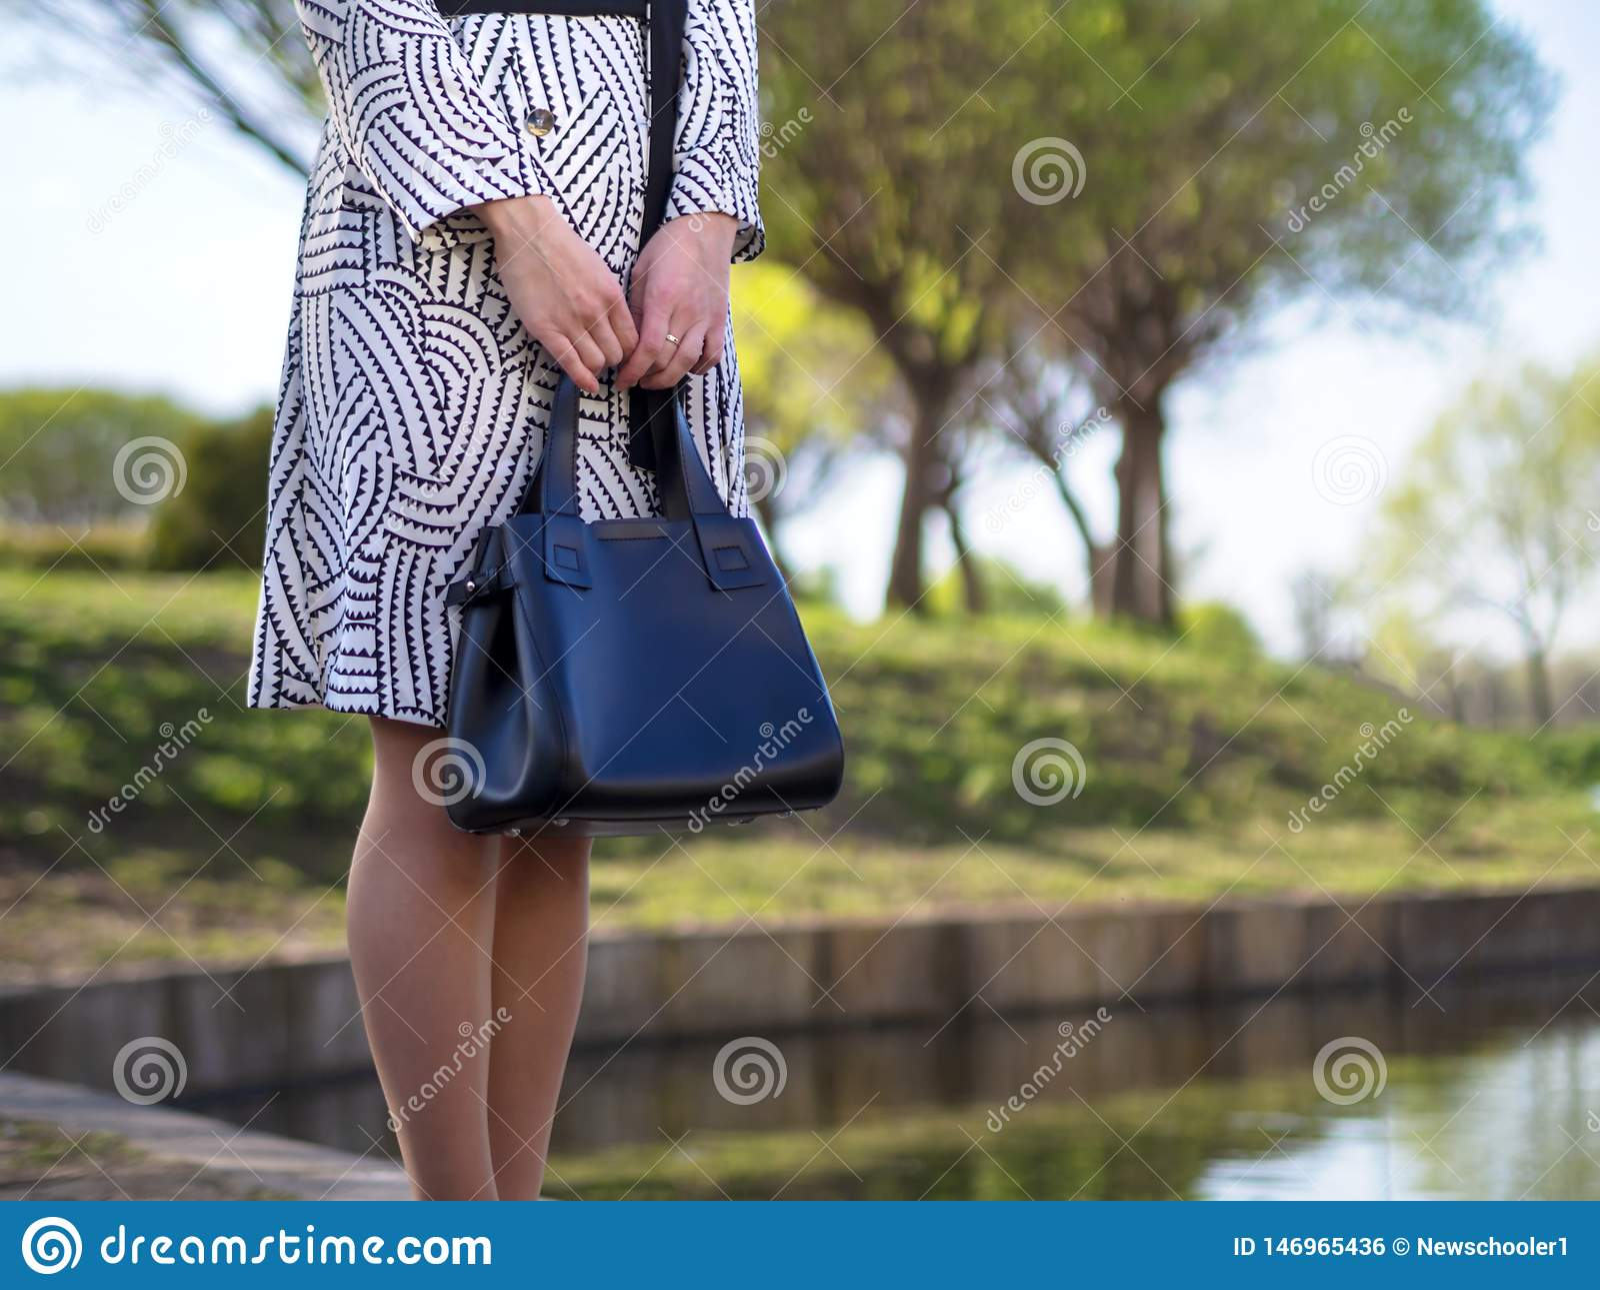 De modieuze Europese jonge vrouw in een regenjas, legging, schoenen met hielen, met een zwarte leerzak in haar dient een park dic